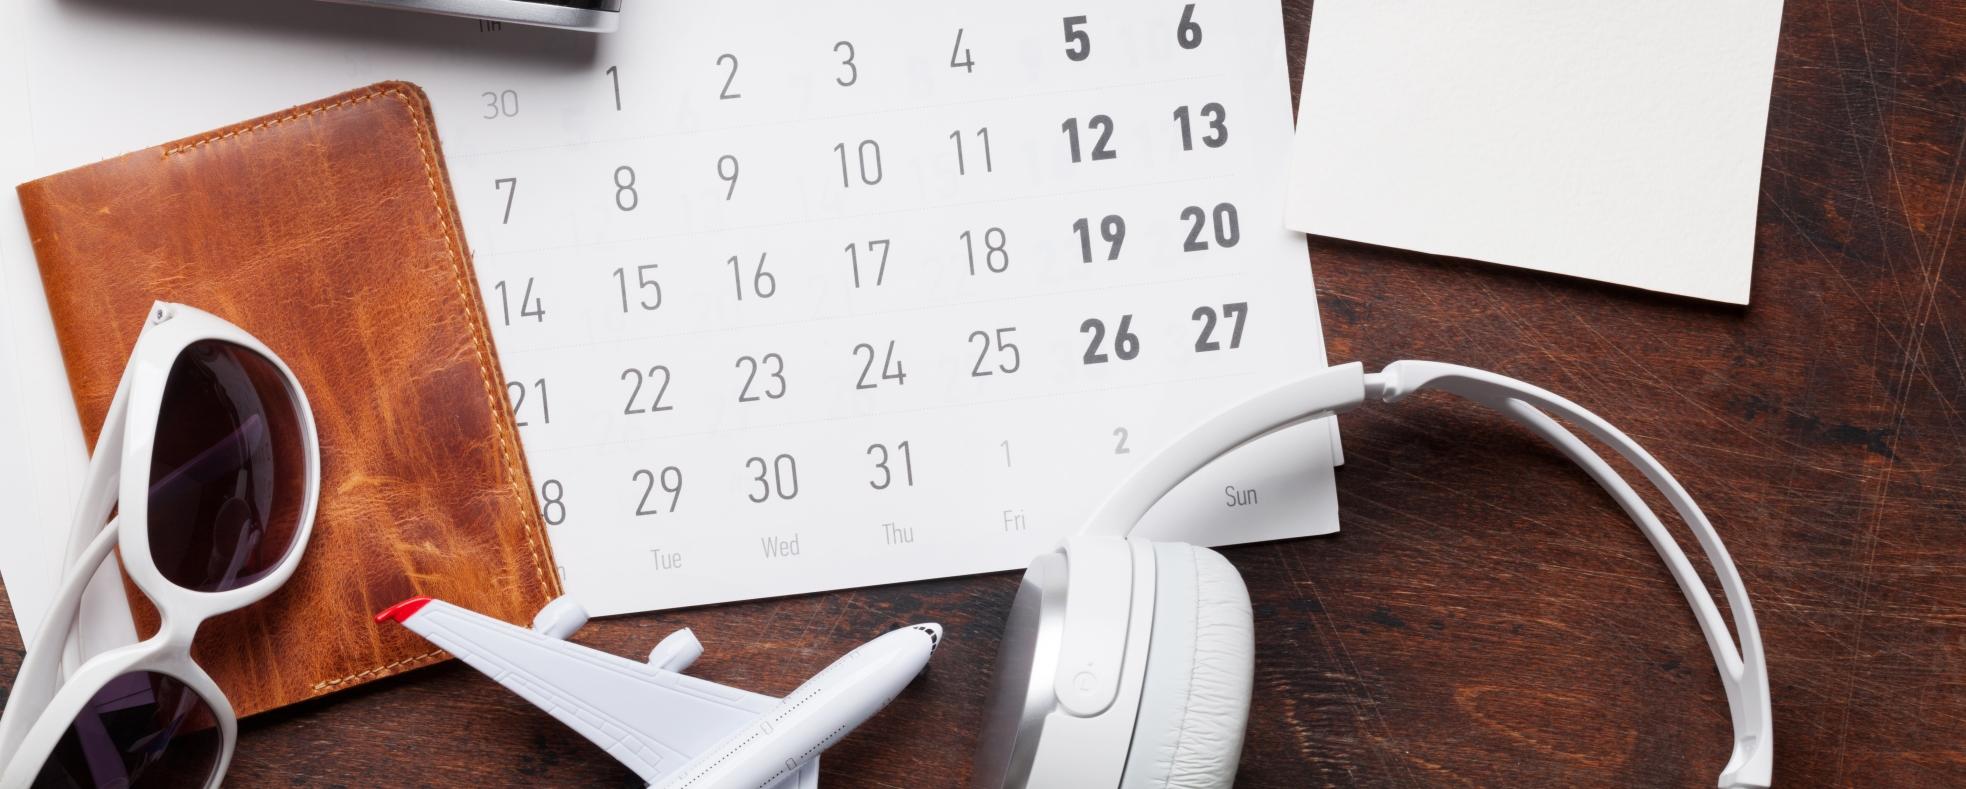 A magyar munkavállalók kevésnek találják az egy évben kivehető szabadnapok számát